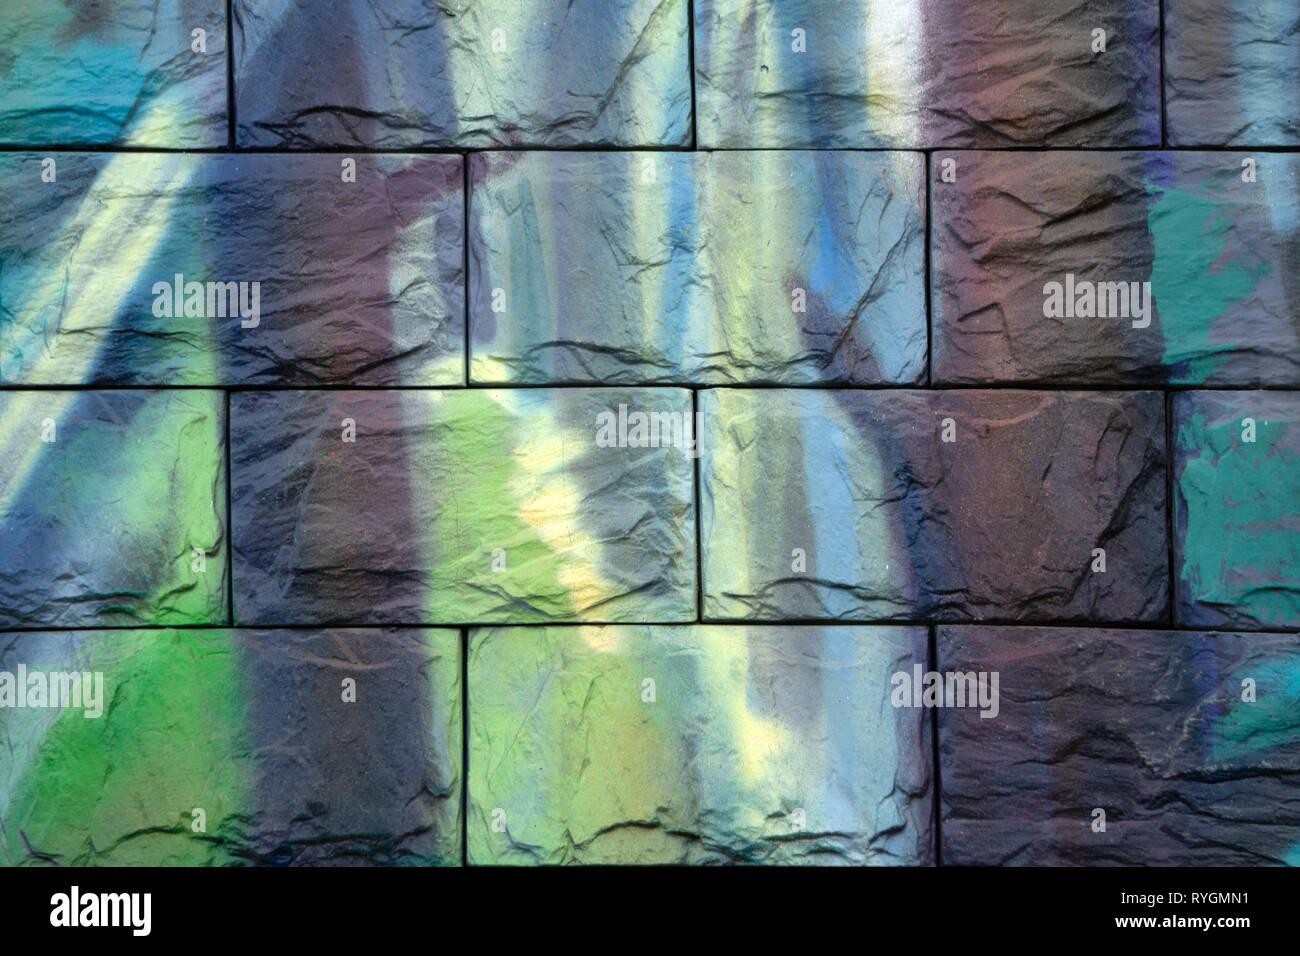 Bellissimo marmo viola pattern. L'arte astratta sfondo. Arte e oro. Ebru- Bagno turco della carta. Lusso naturale. Gouache pittura- può essere usato come un tr Immagini Stock